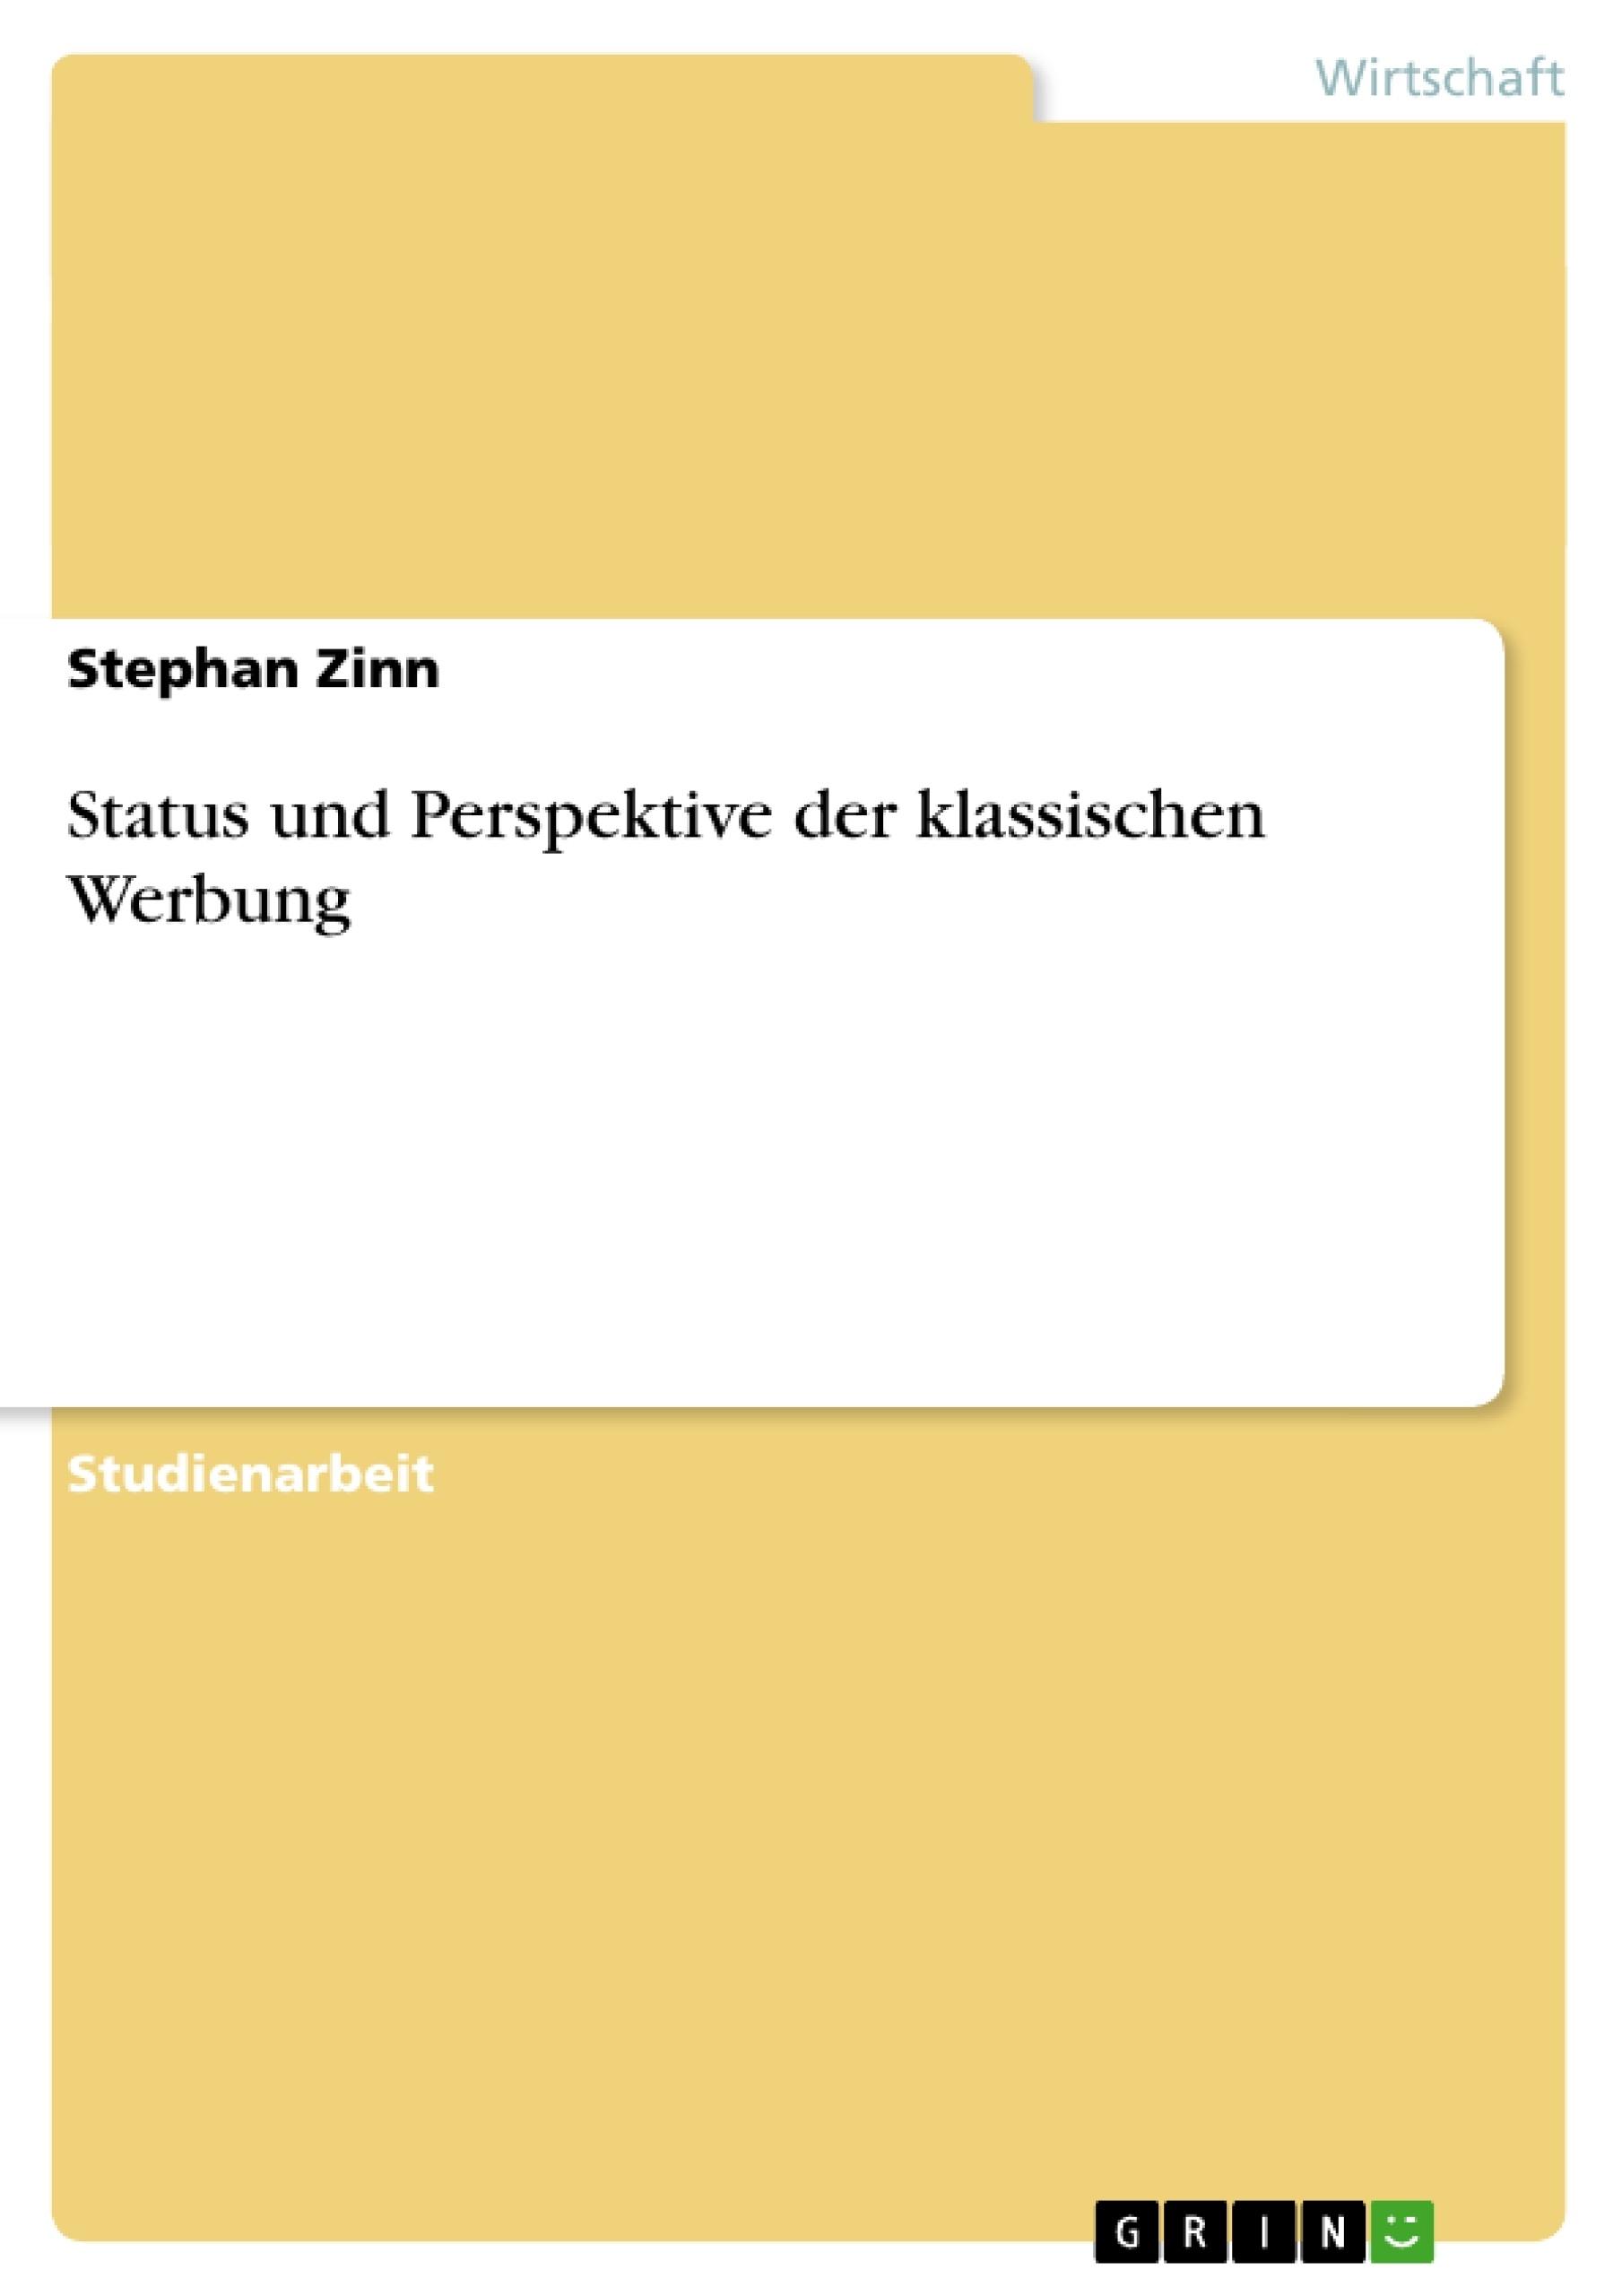 Titel: Status und Perspektive der klassischen Werbung